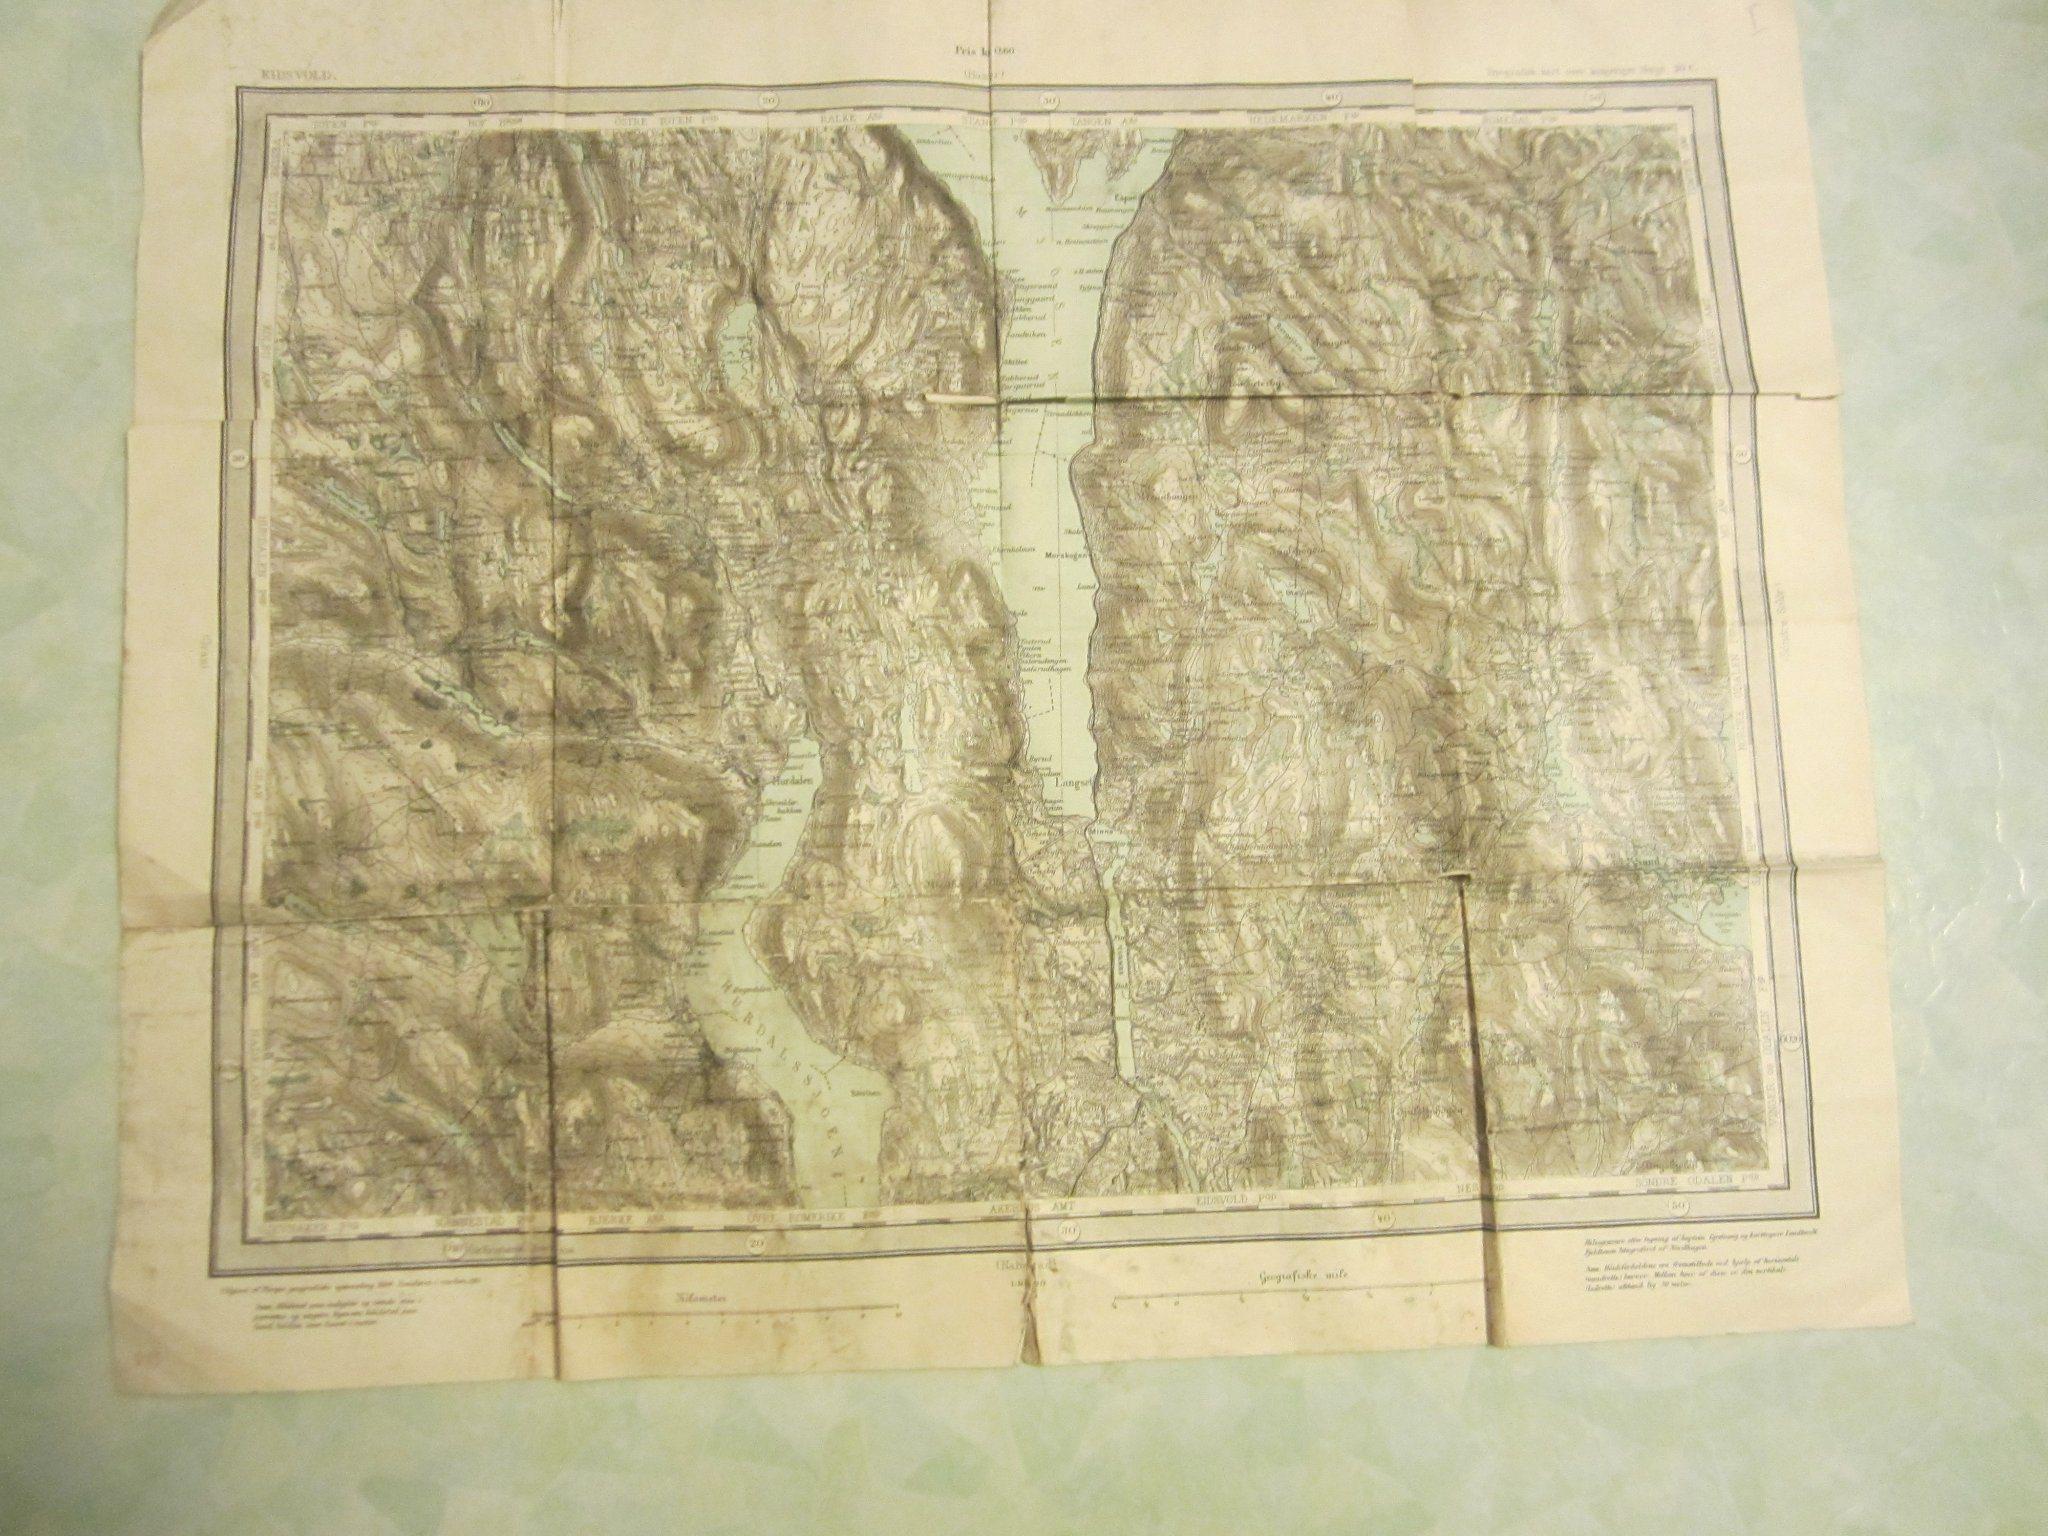 Karta Syd Norge.Gammal Karta Eidsvold Norge Fran Ar 1910 342454150 ᐈ Kop Pa Tradera